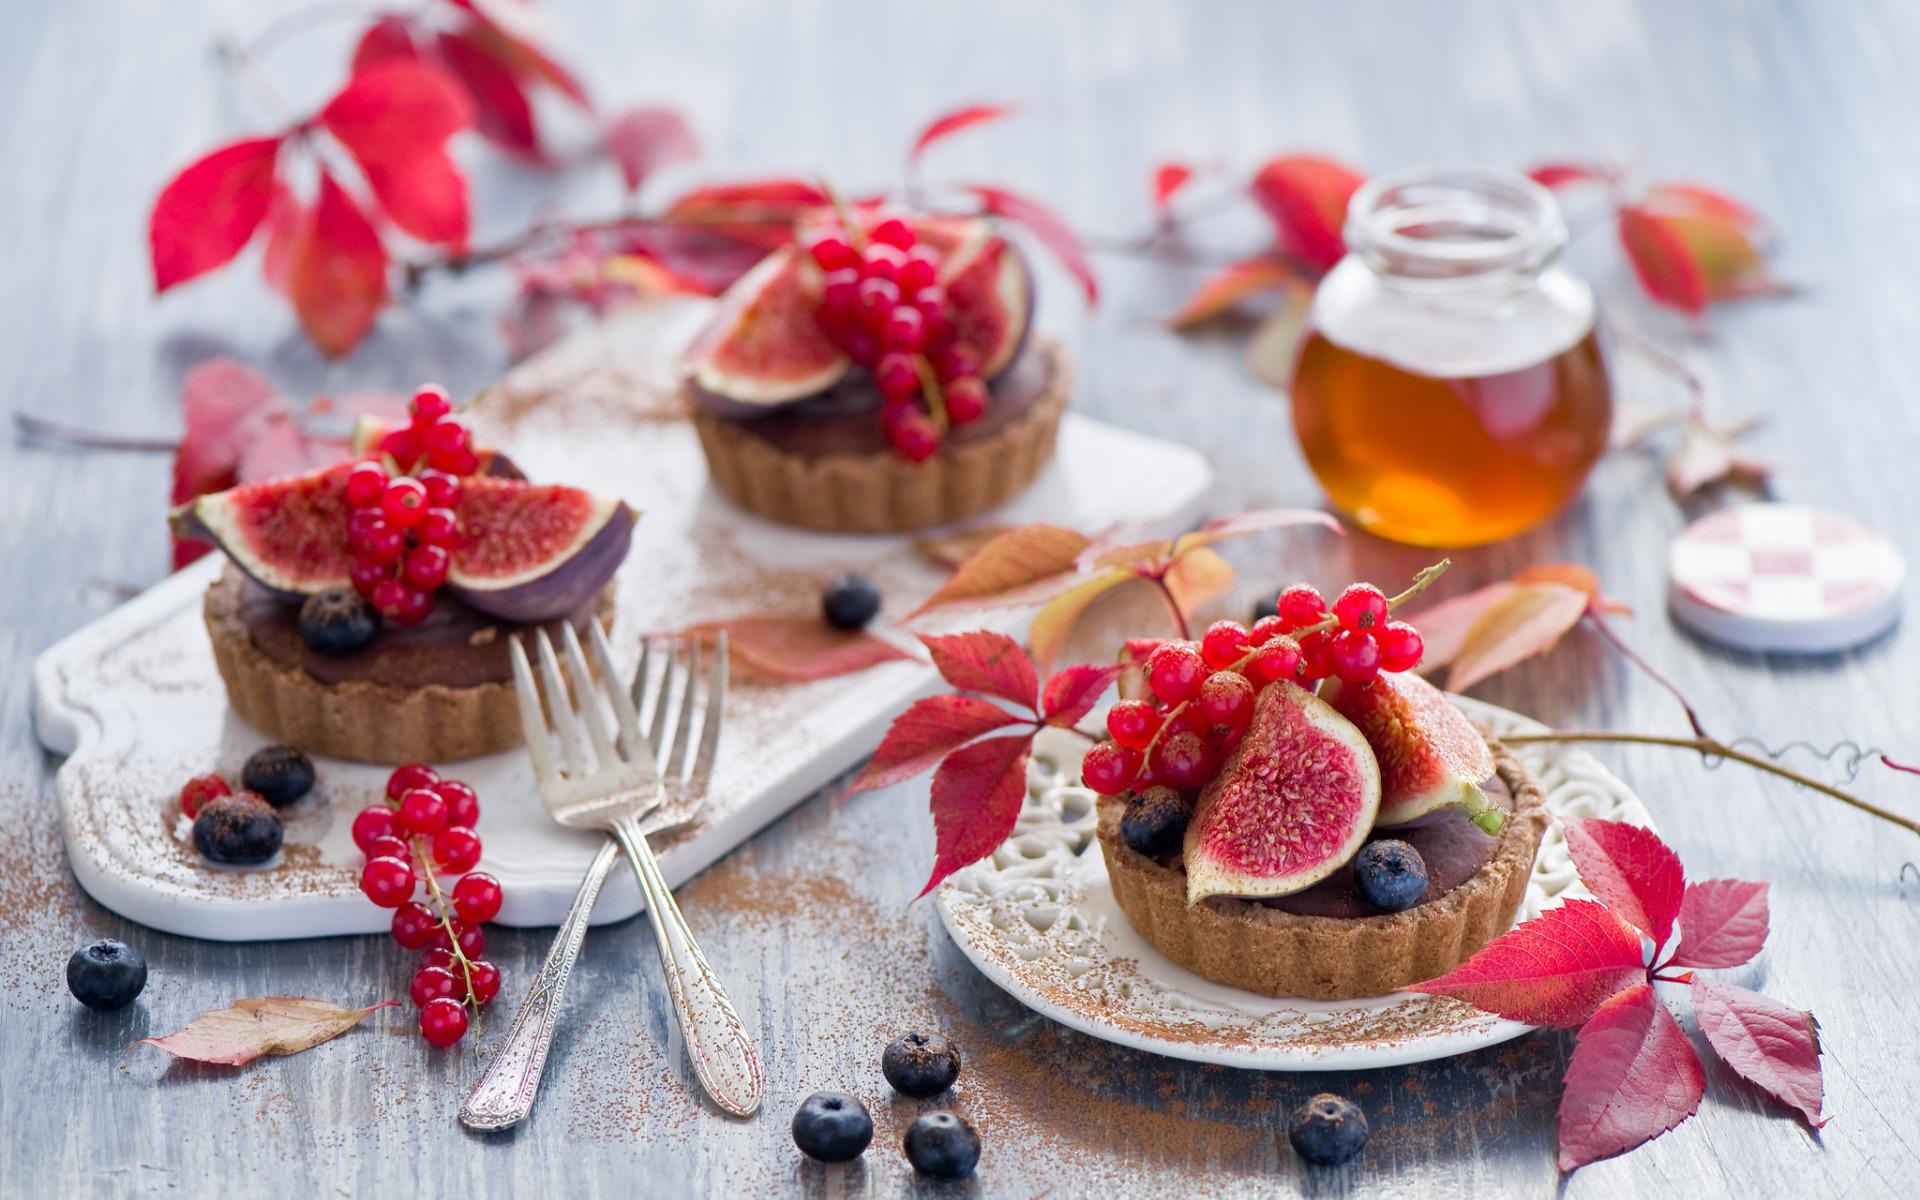 еда ягоды кексы  № 2152789 загрузить